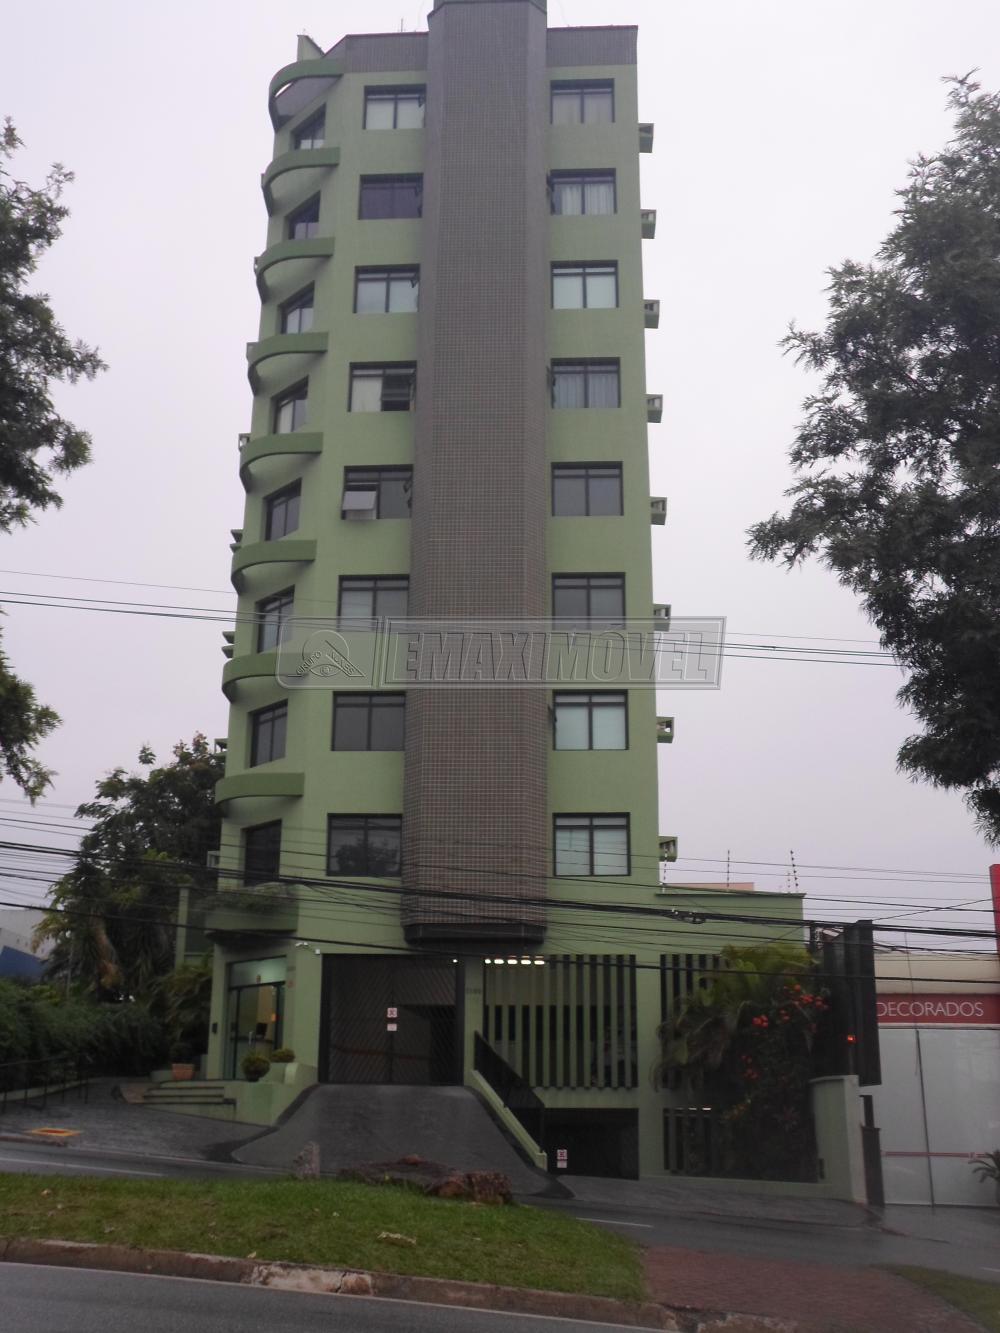 Alugar Comercial / Prédios em Sorocaba R$ 1.400,00 - Foto 1